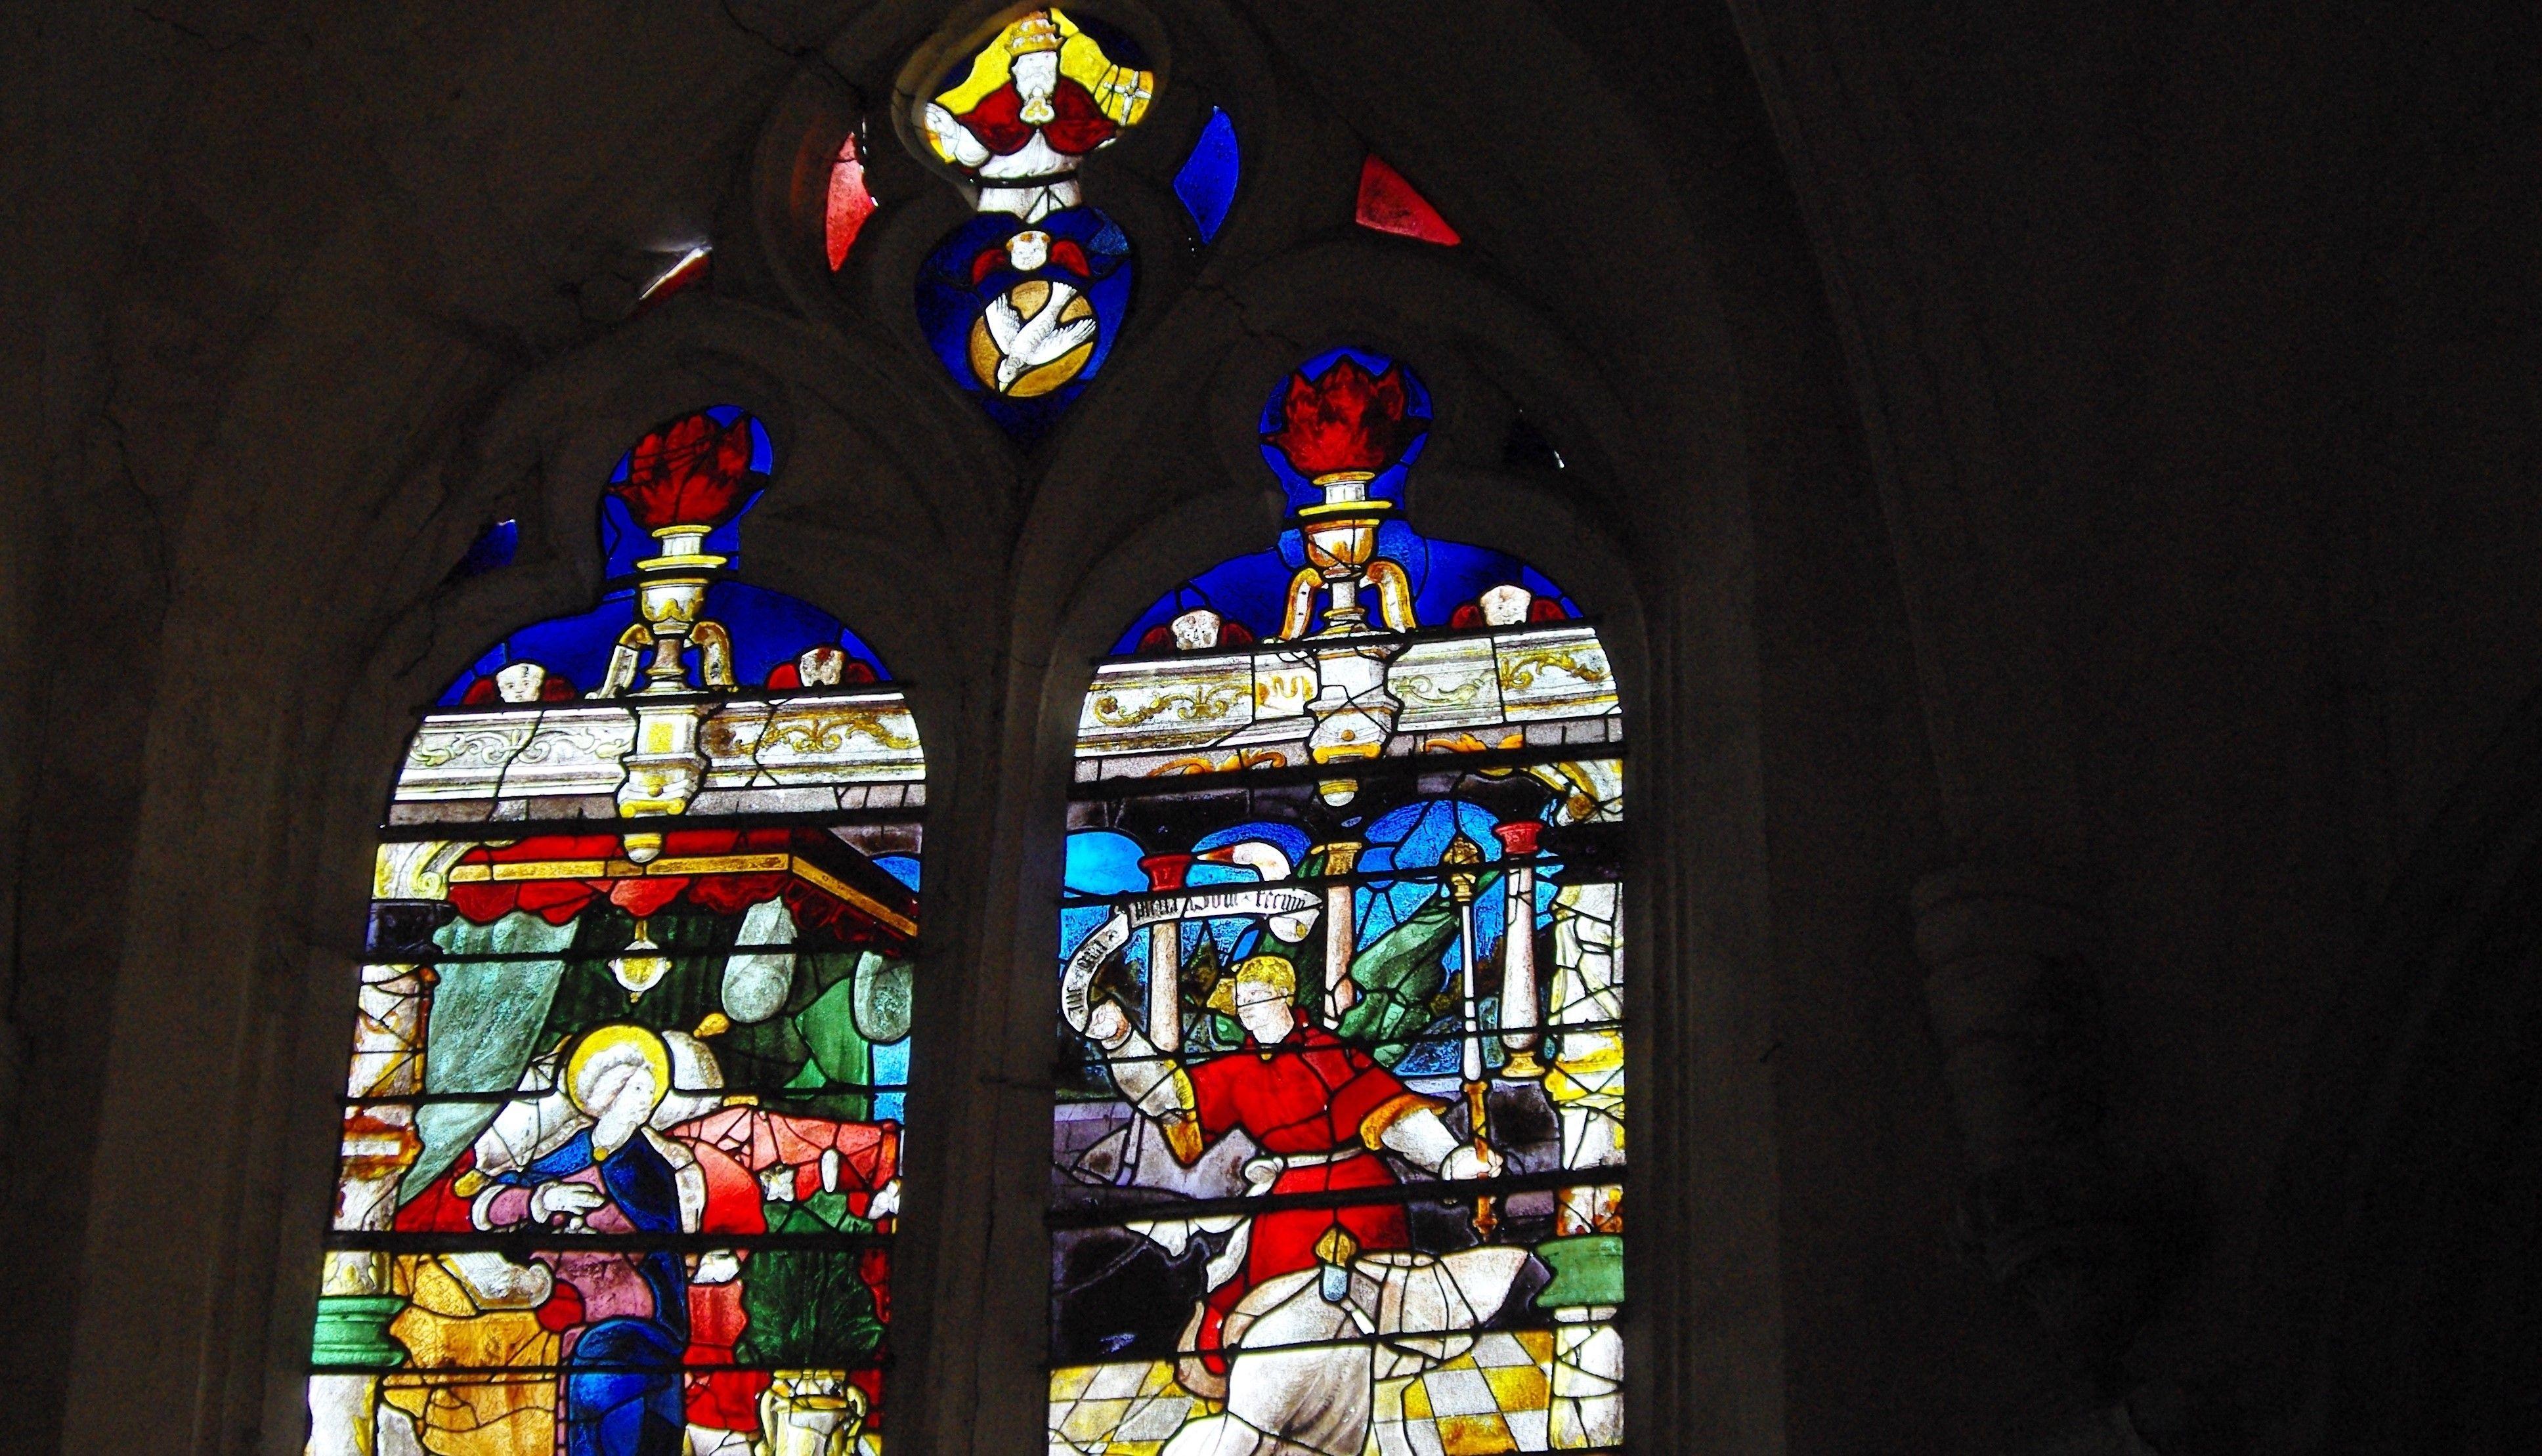 Vitraux de l'église Saint-Authaire d'Ussy-sur-Marne